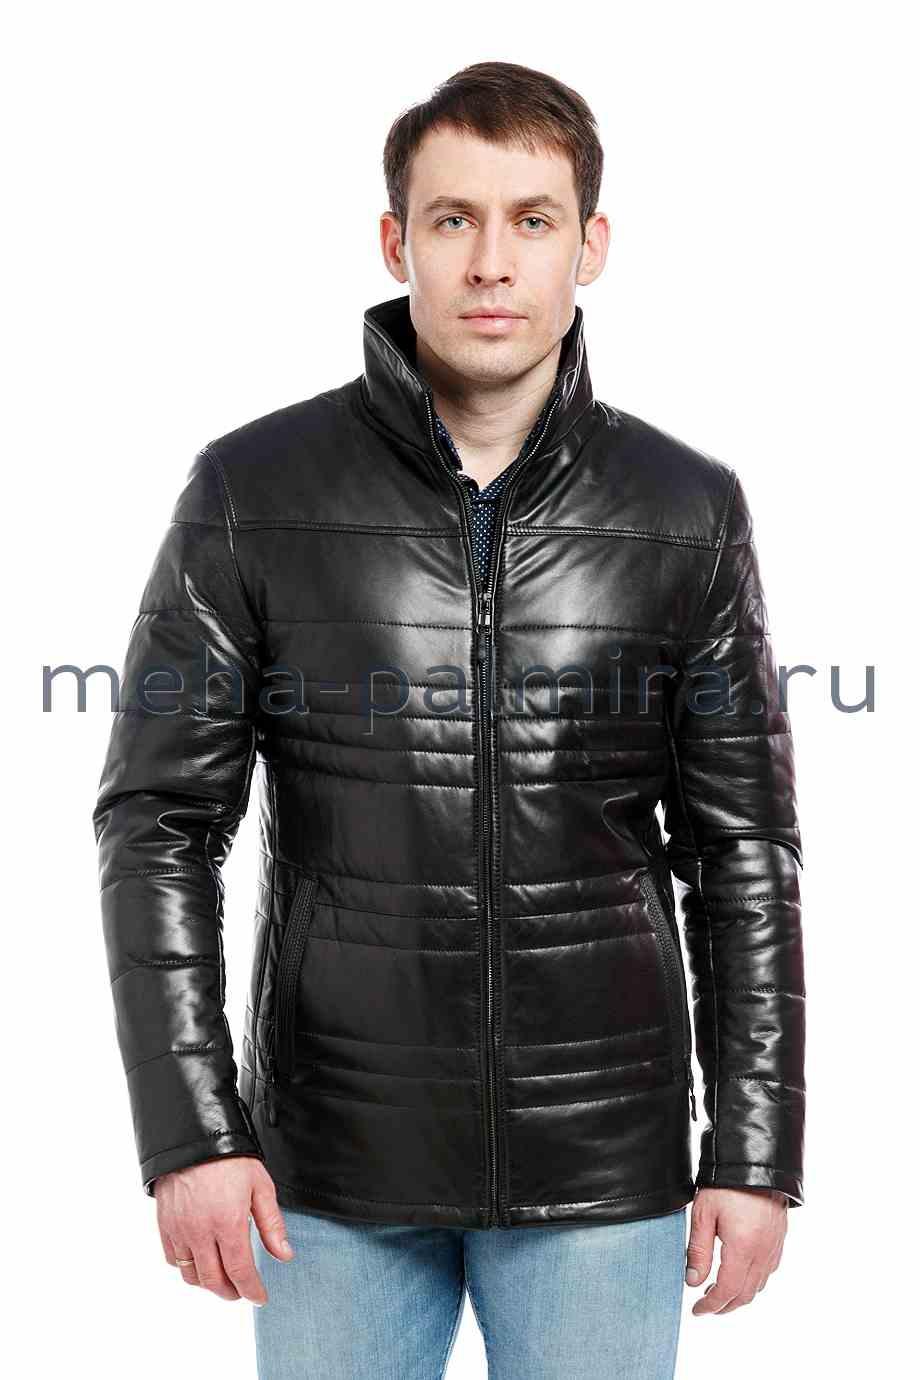 Мужская куртка из кожи утепленная